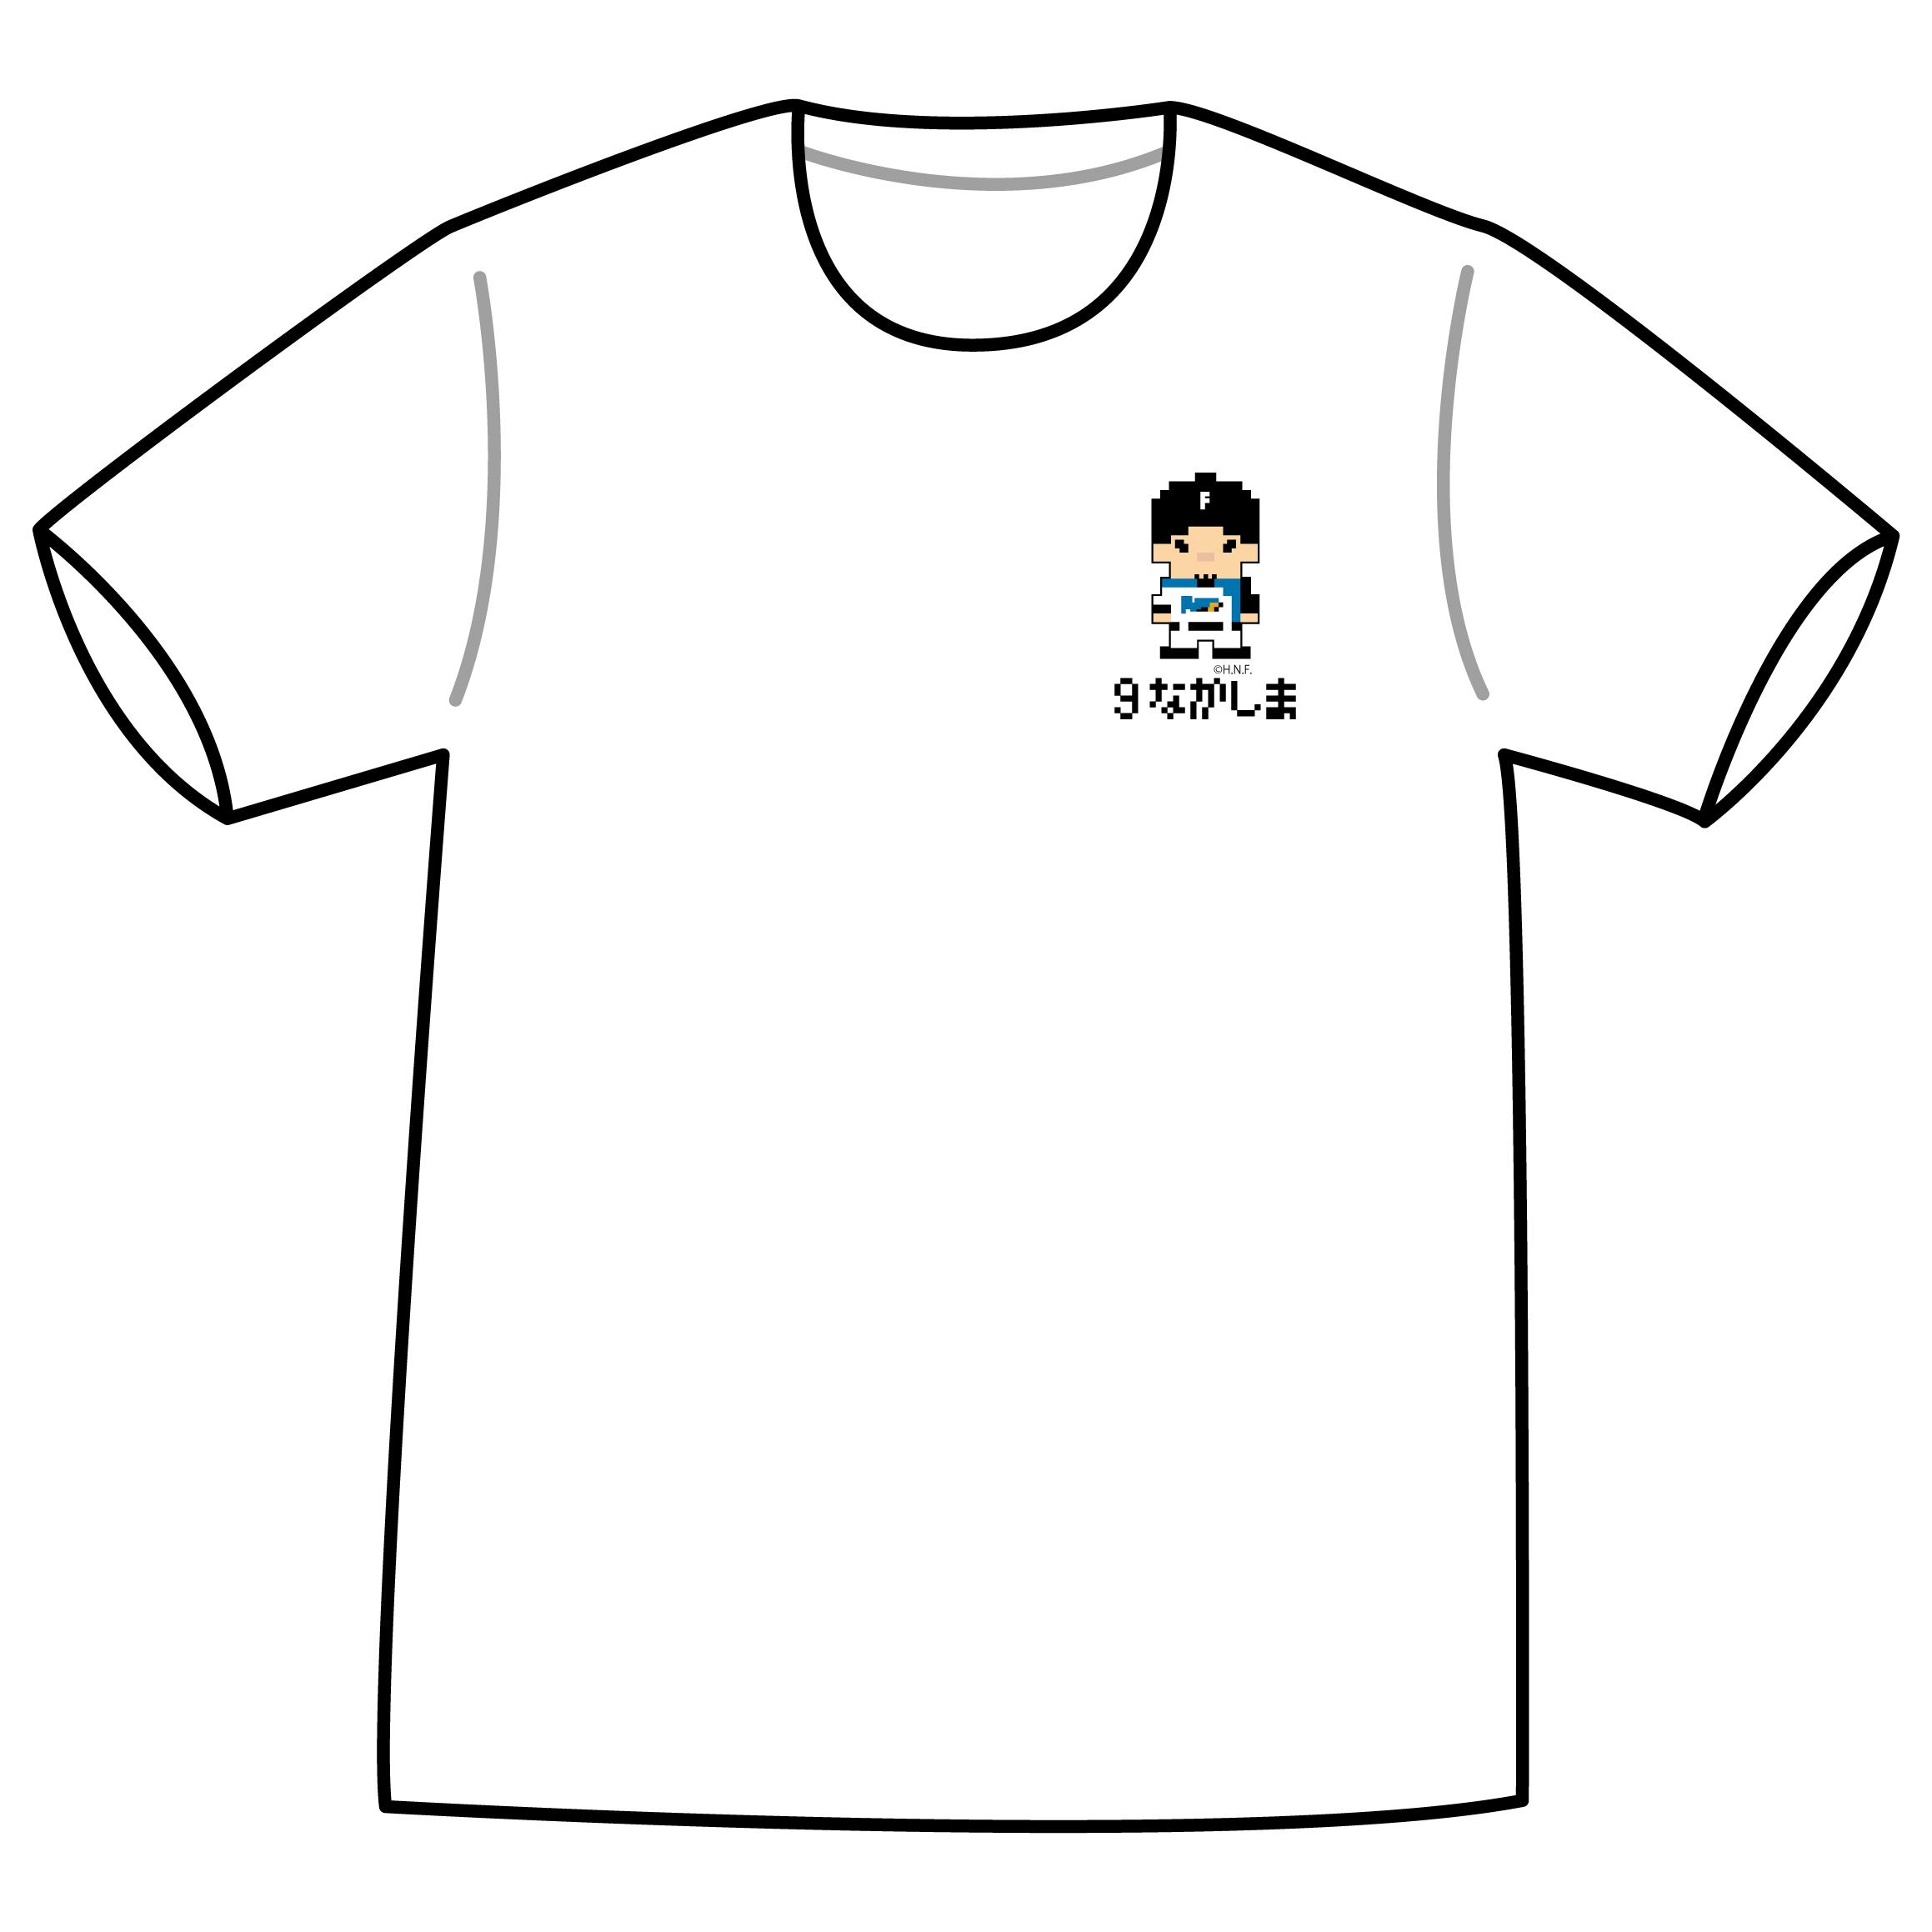 ドットファイターズ 「なかしま」 Tシャツ ホワイト